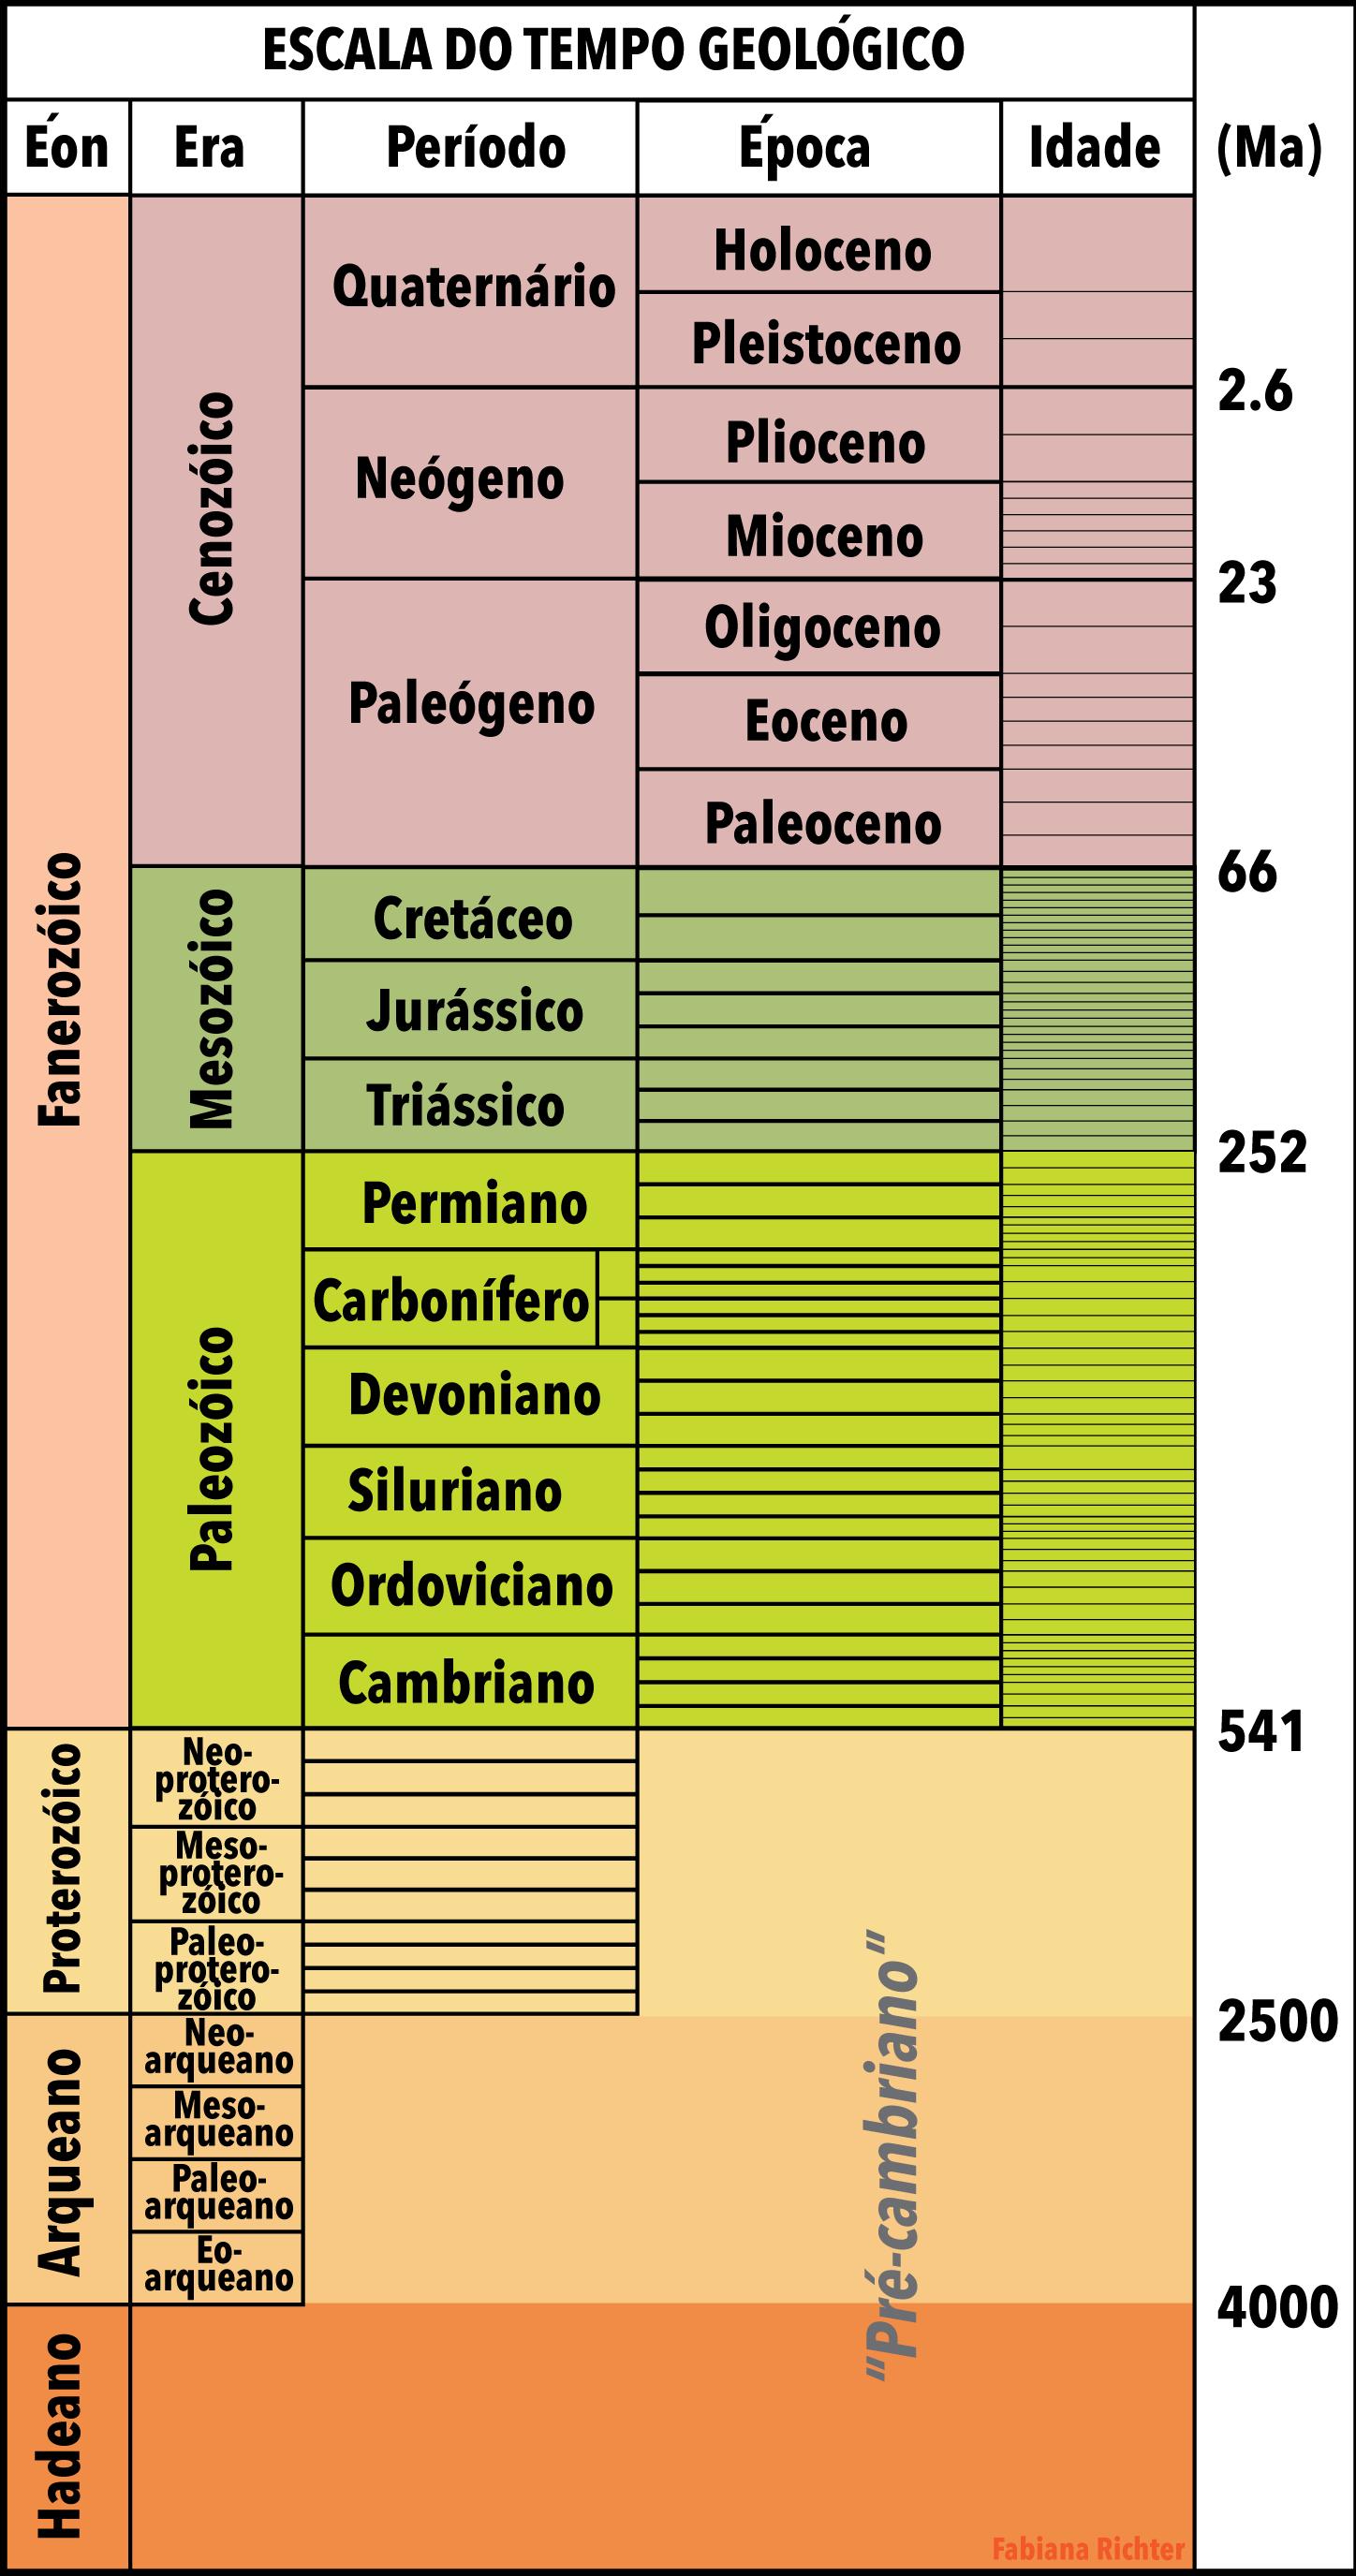 Escala do tempo geológico simplificada, mostrando os éons, eras, e as divisões de períodos, épocas e idades.